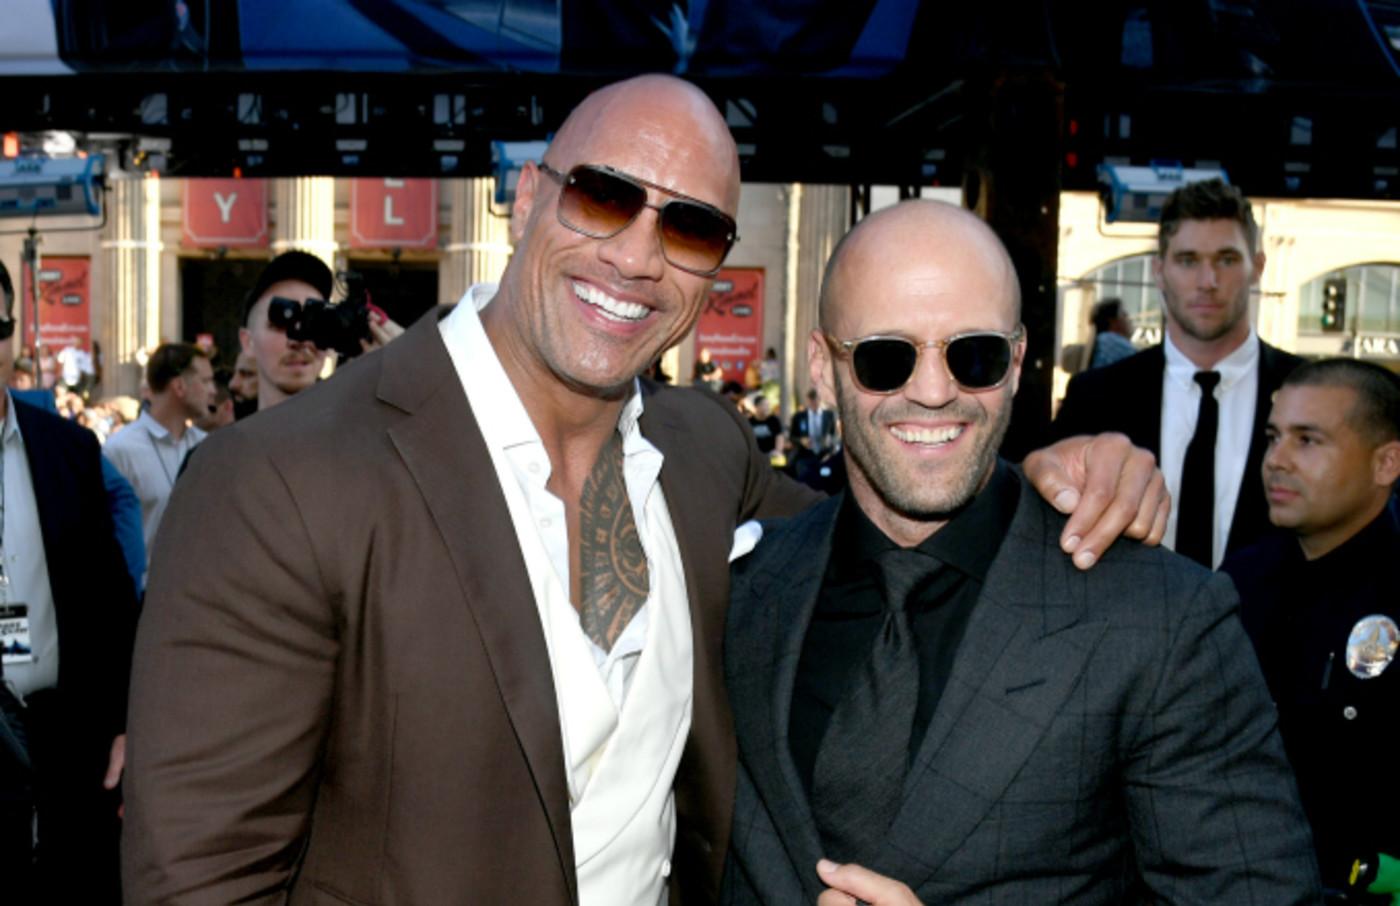 Dwayne Johnson (L) and Jason Statham